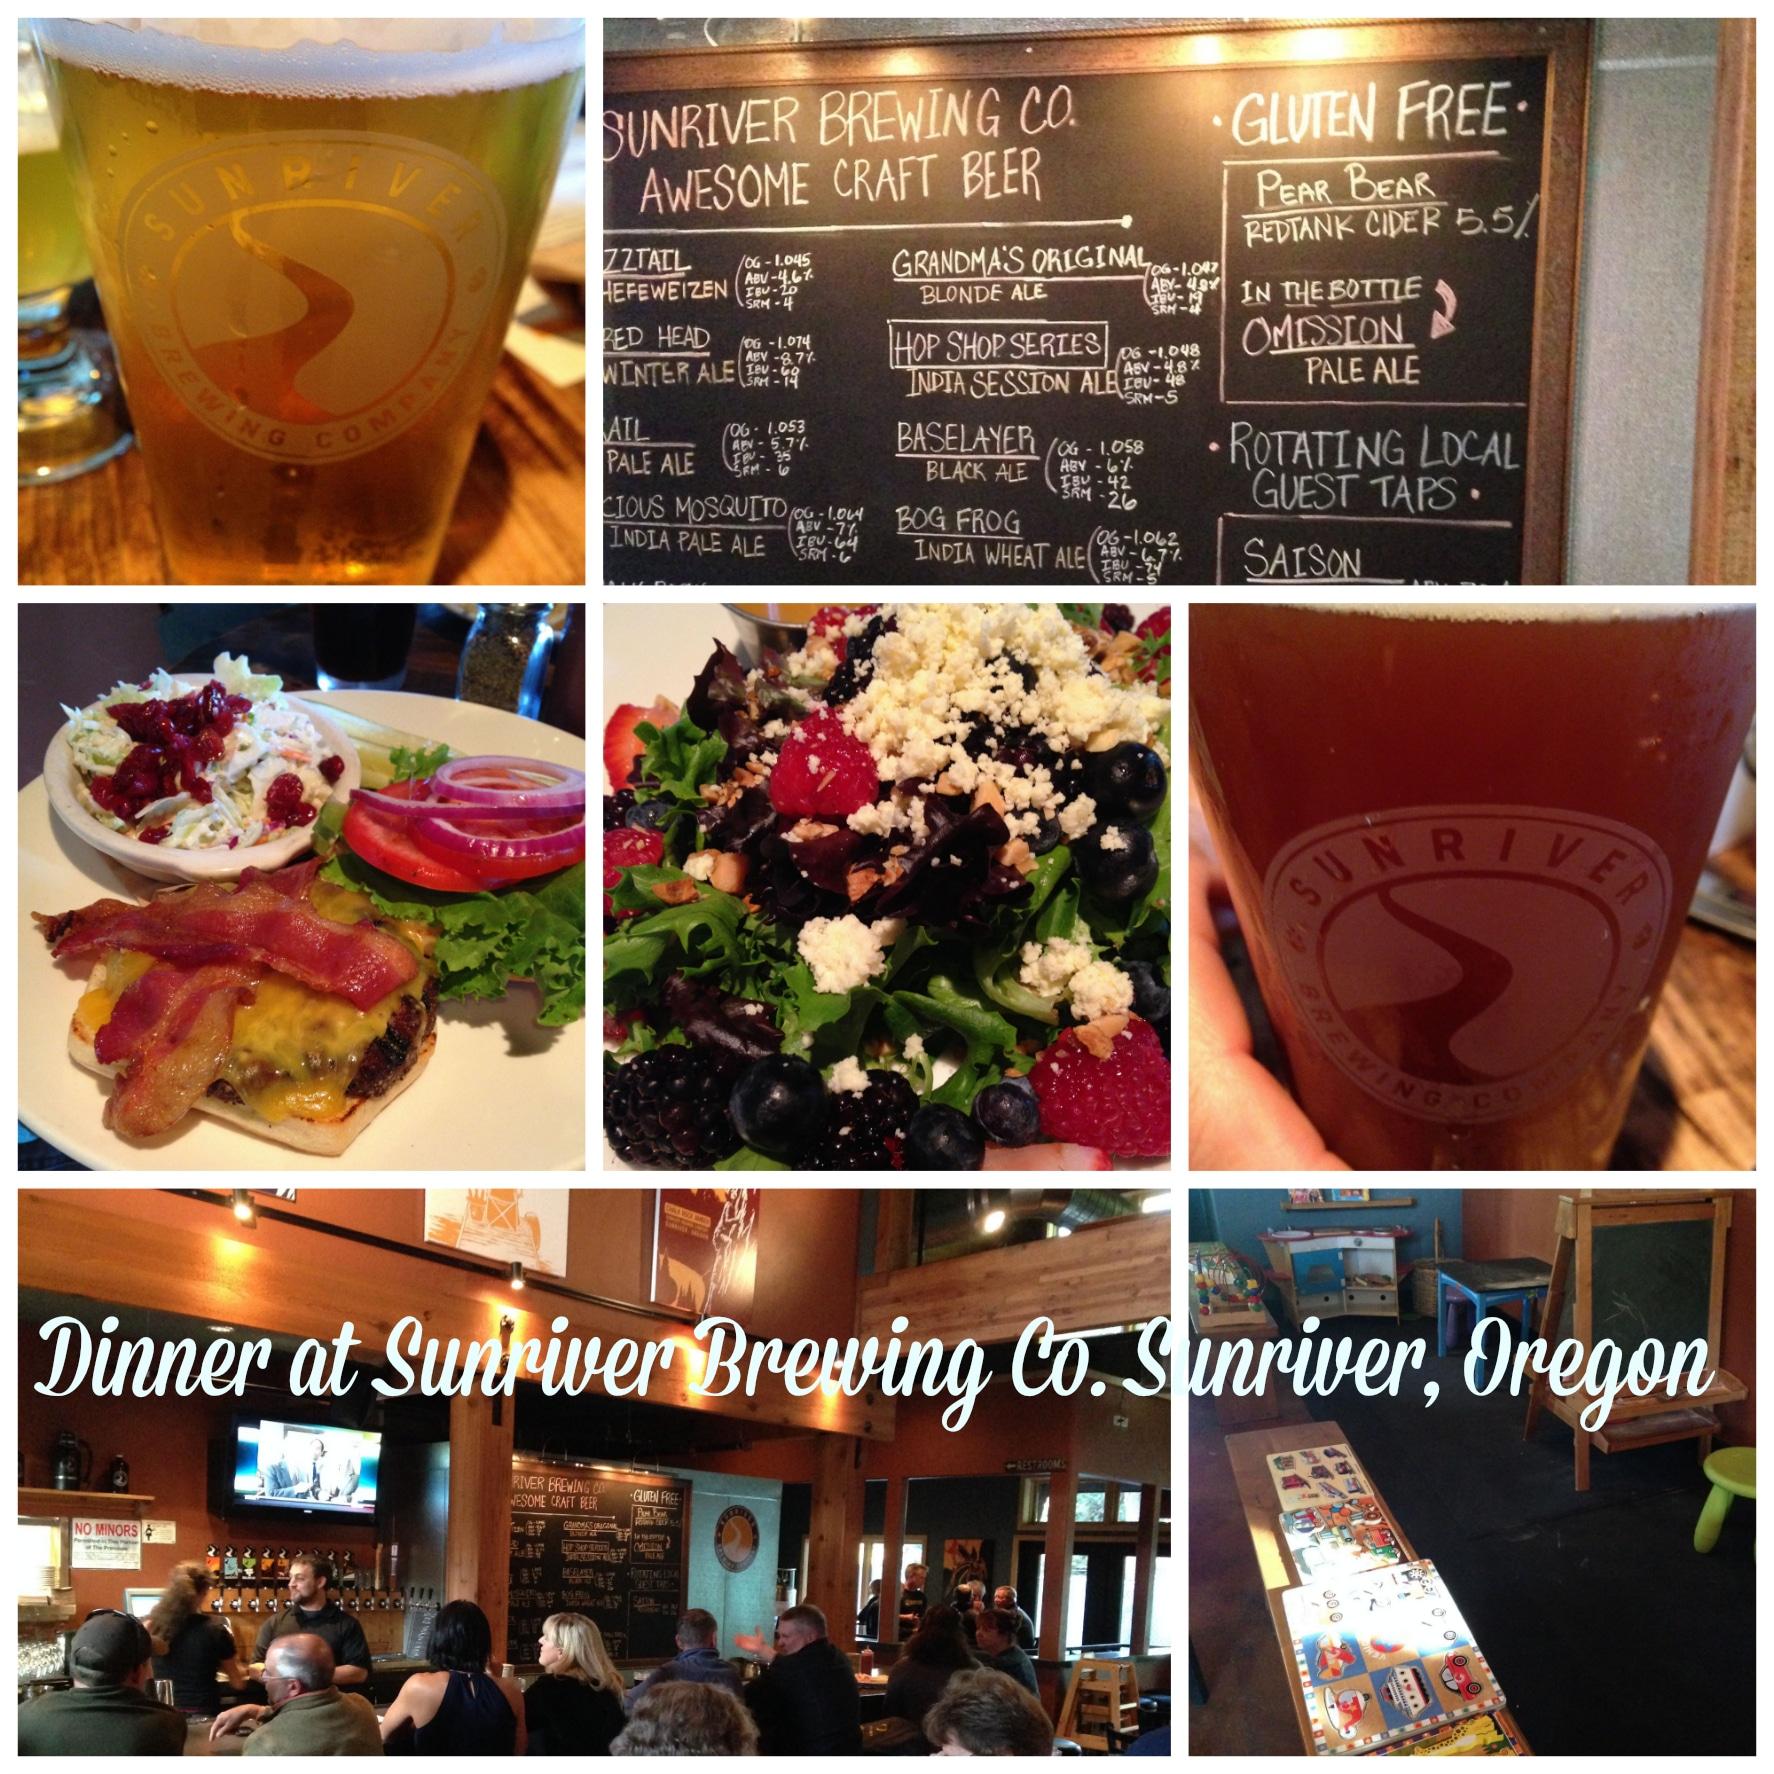 Sunriver Brewing co in Sunriver Oregon